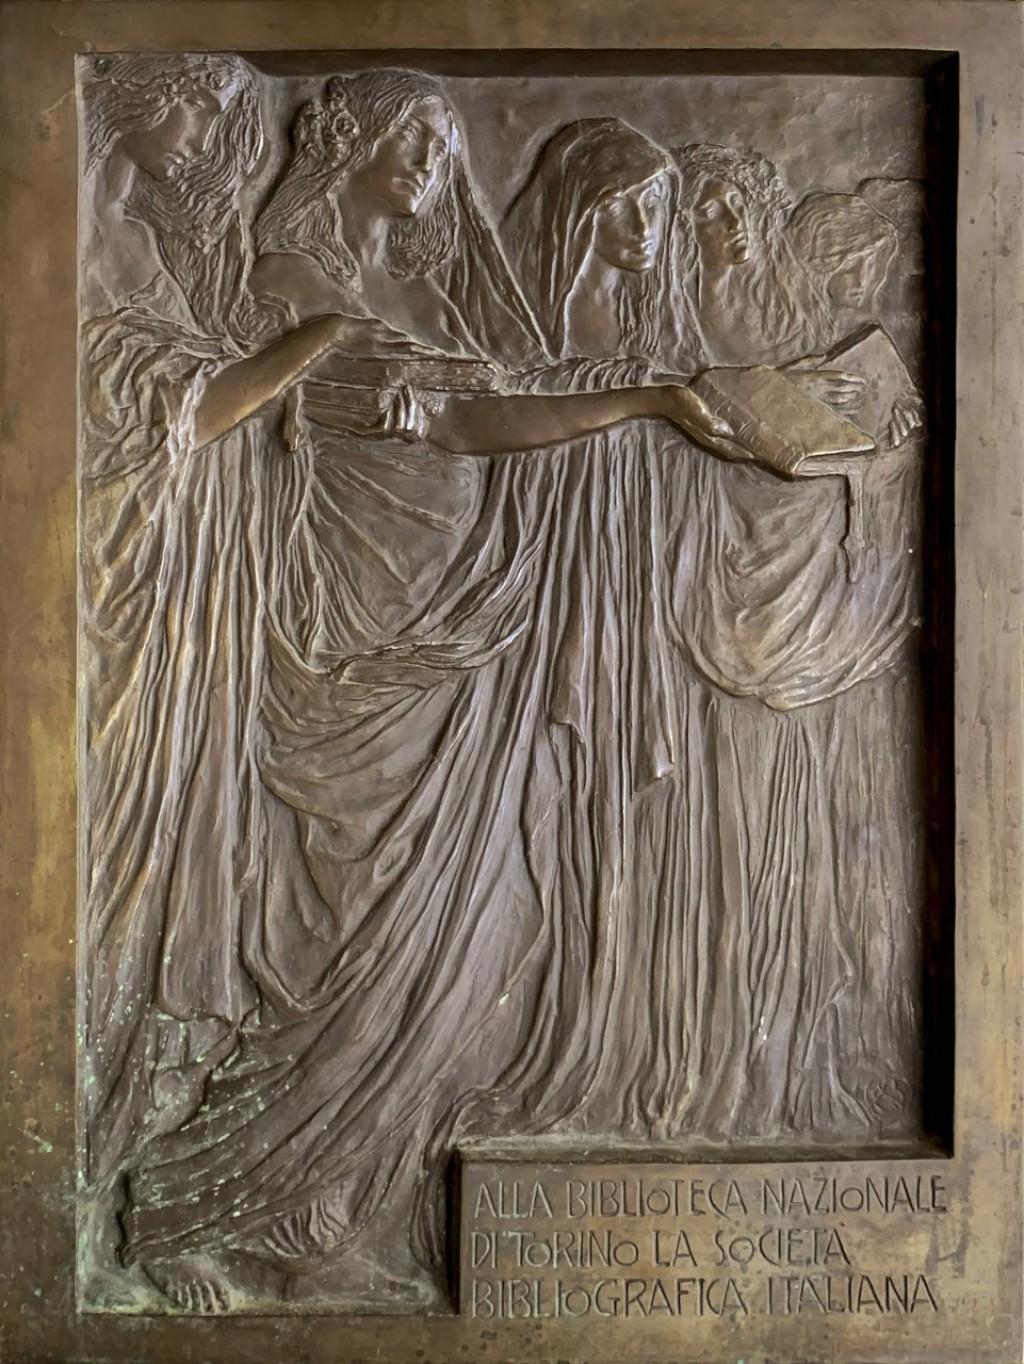 bassorilievo per la Biblioteca Nazionale di Torino - Leonardo Bistolfi